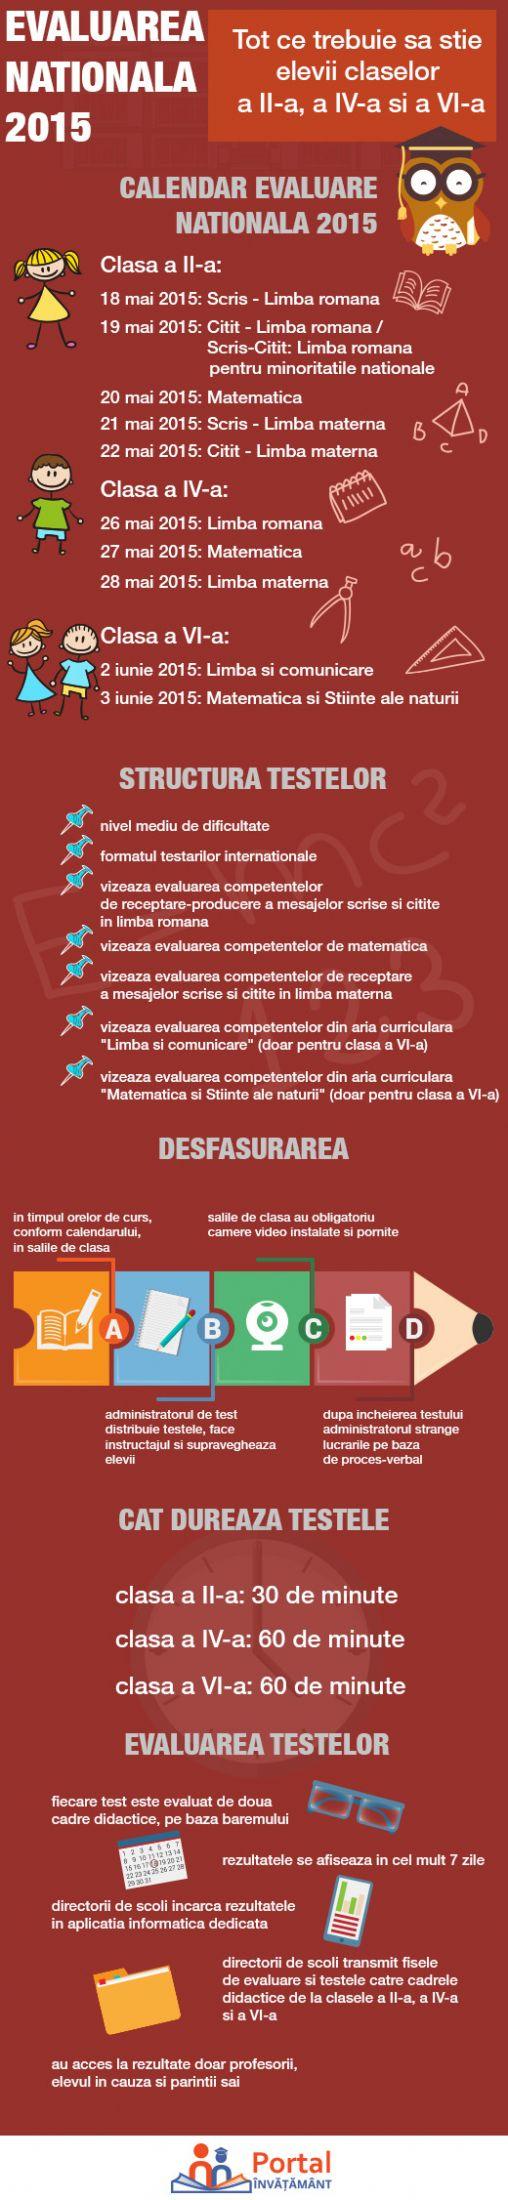 Calendar Evaluare Nationala 2015 pentru clasele a II-a, a IV-a si a VI-a